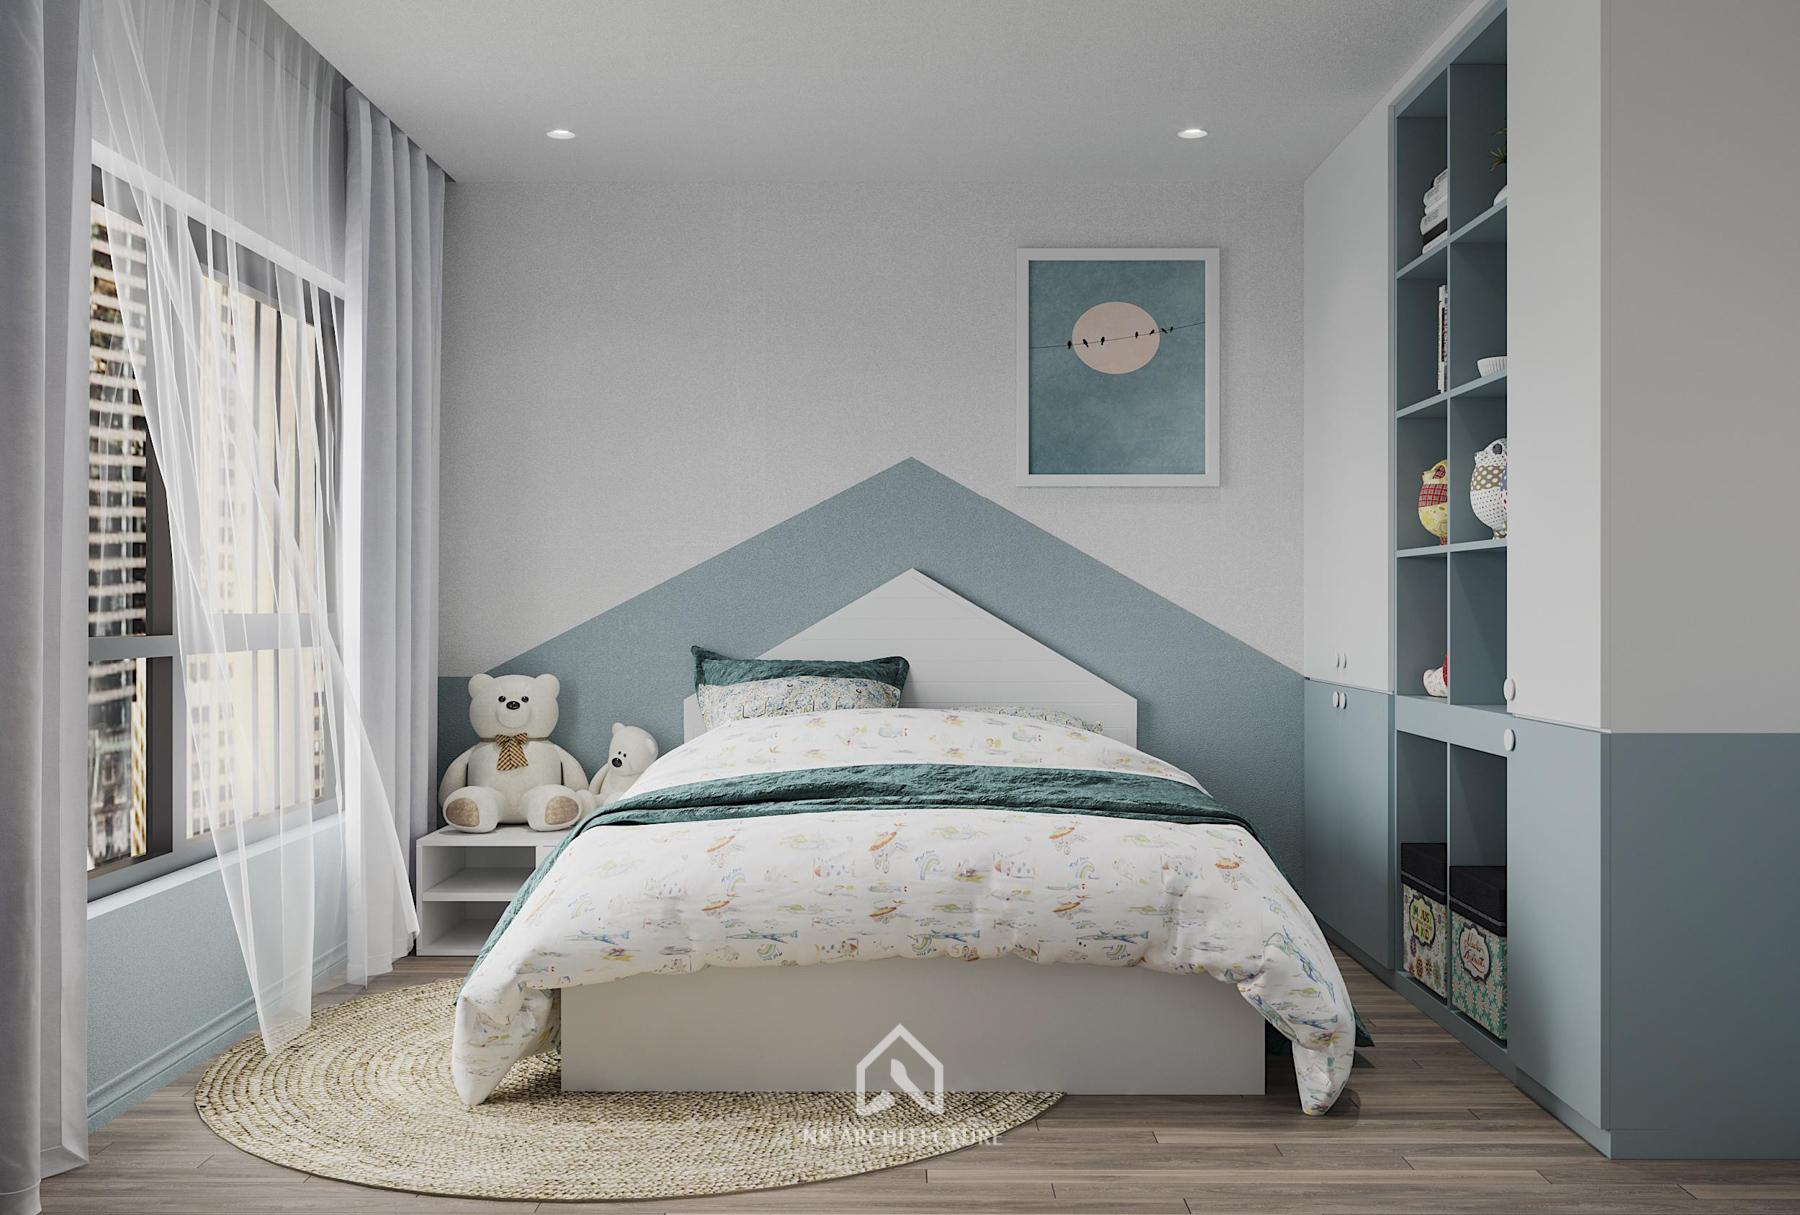 thiết kế nội thất chung cư Seasons Avenua 20